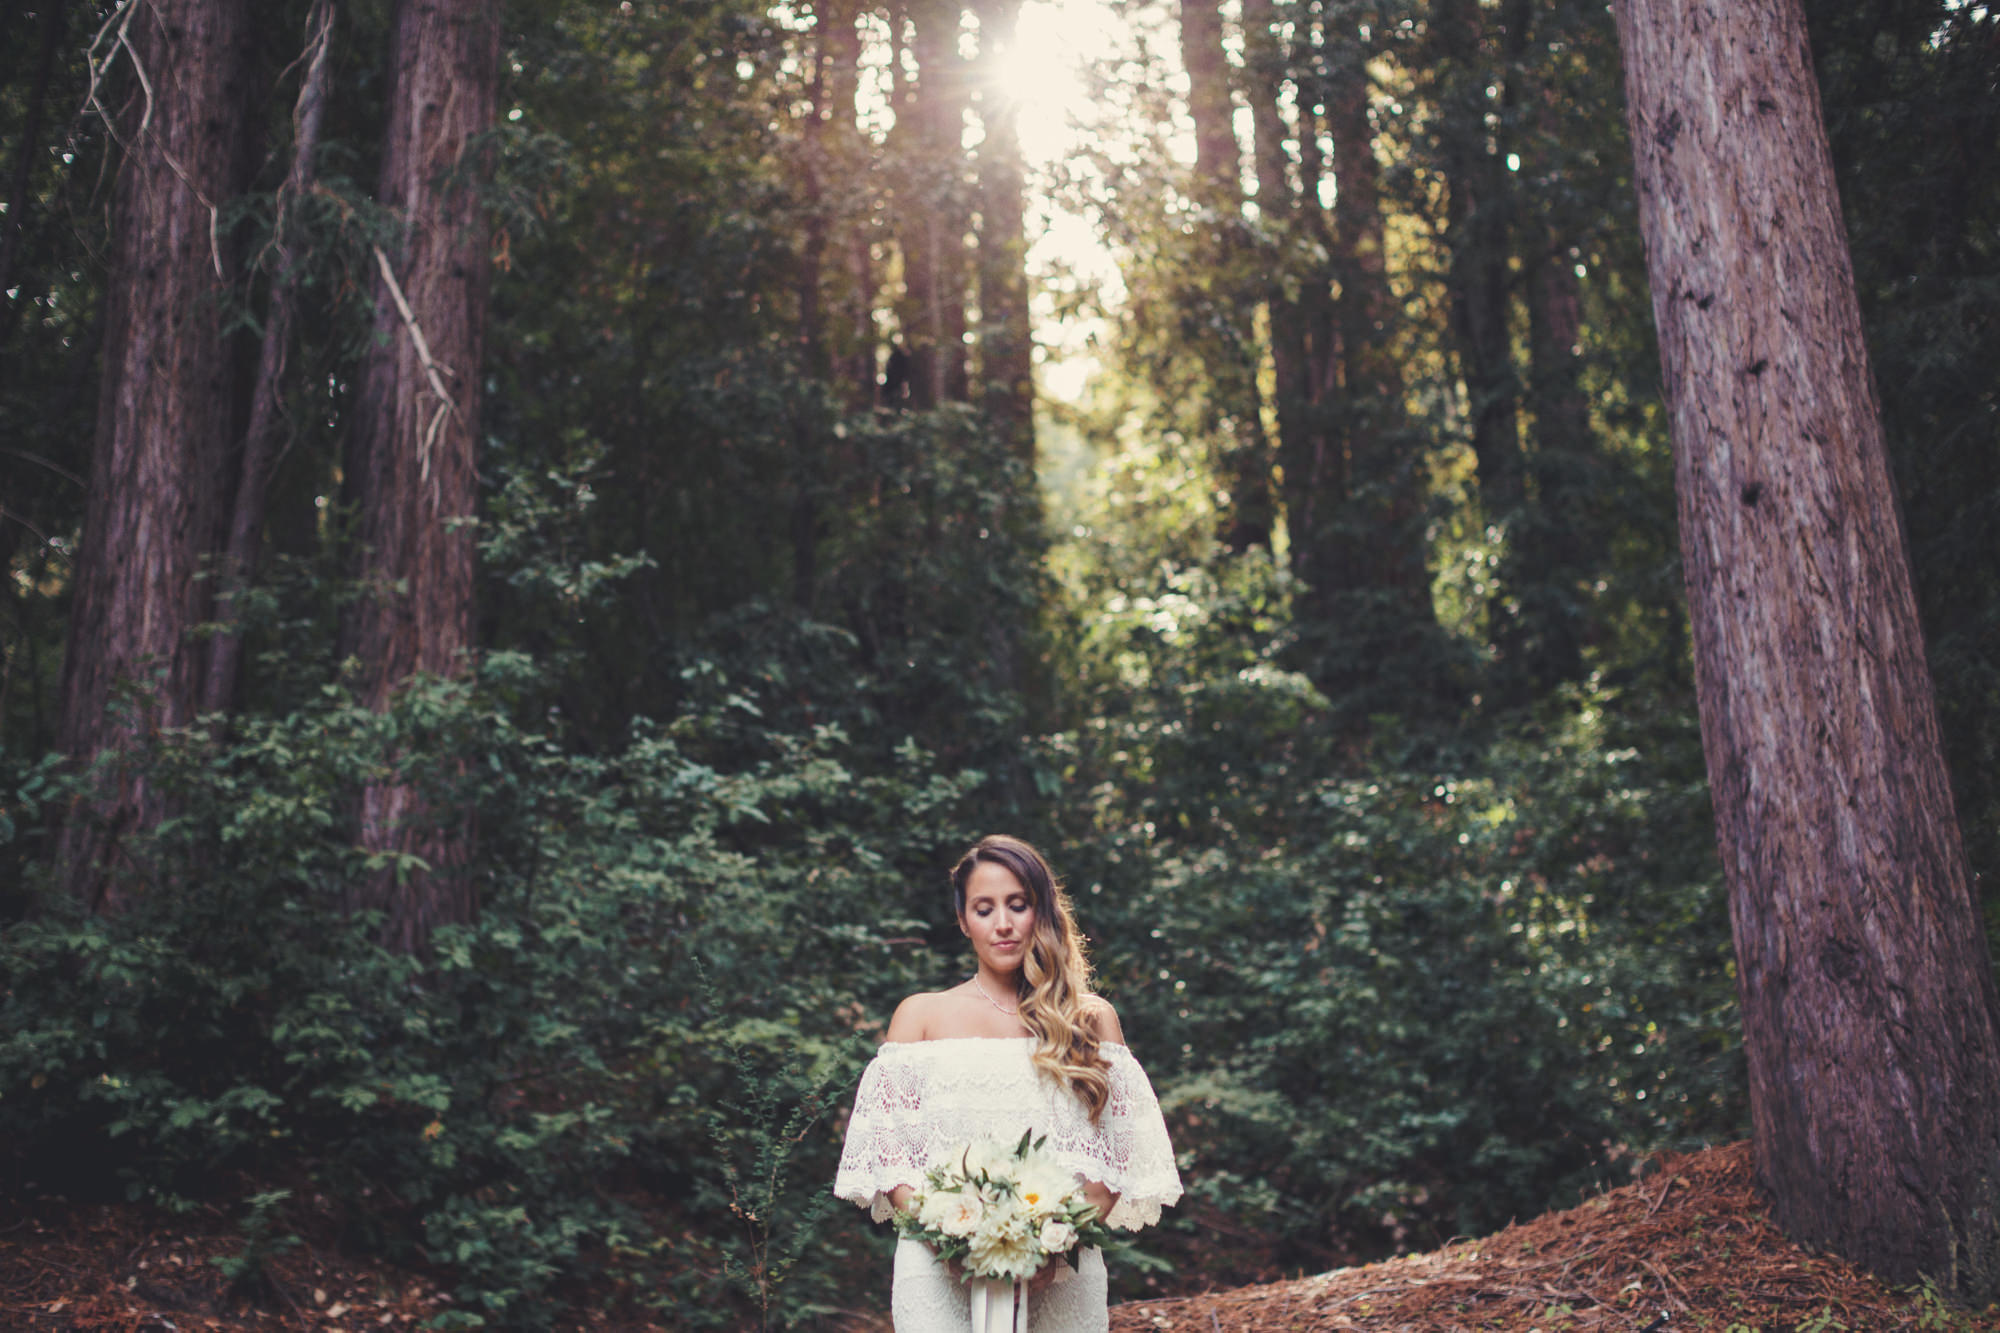 Sequoia Retreat Center Wedding@Anne-Claire Brun 25